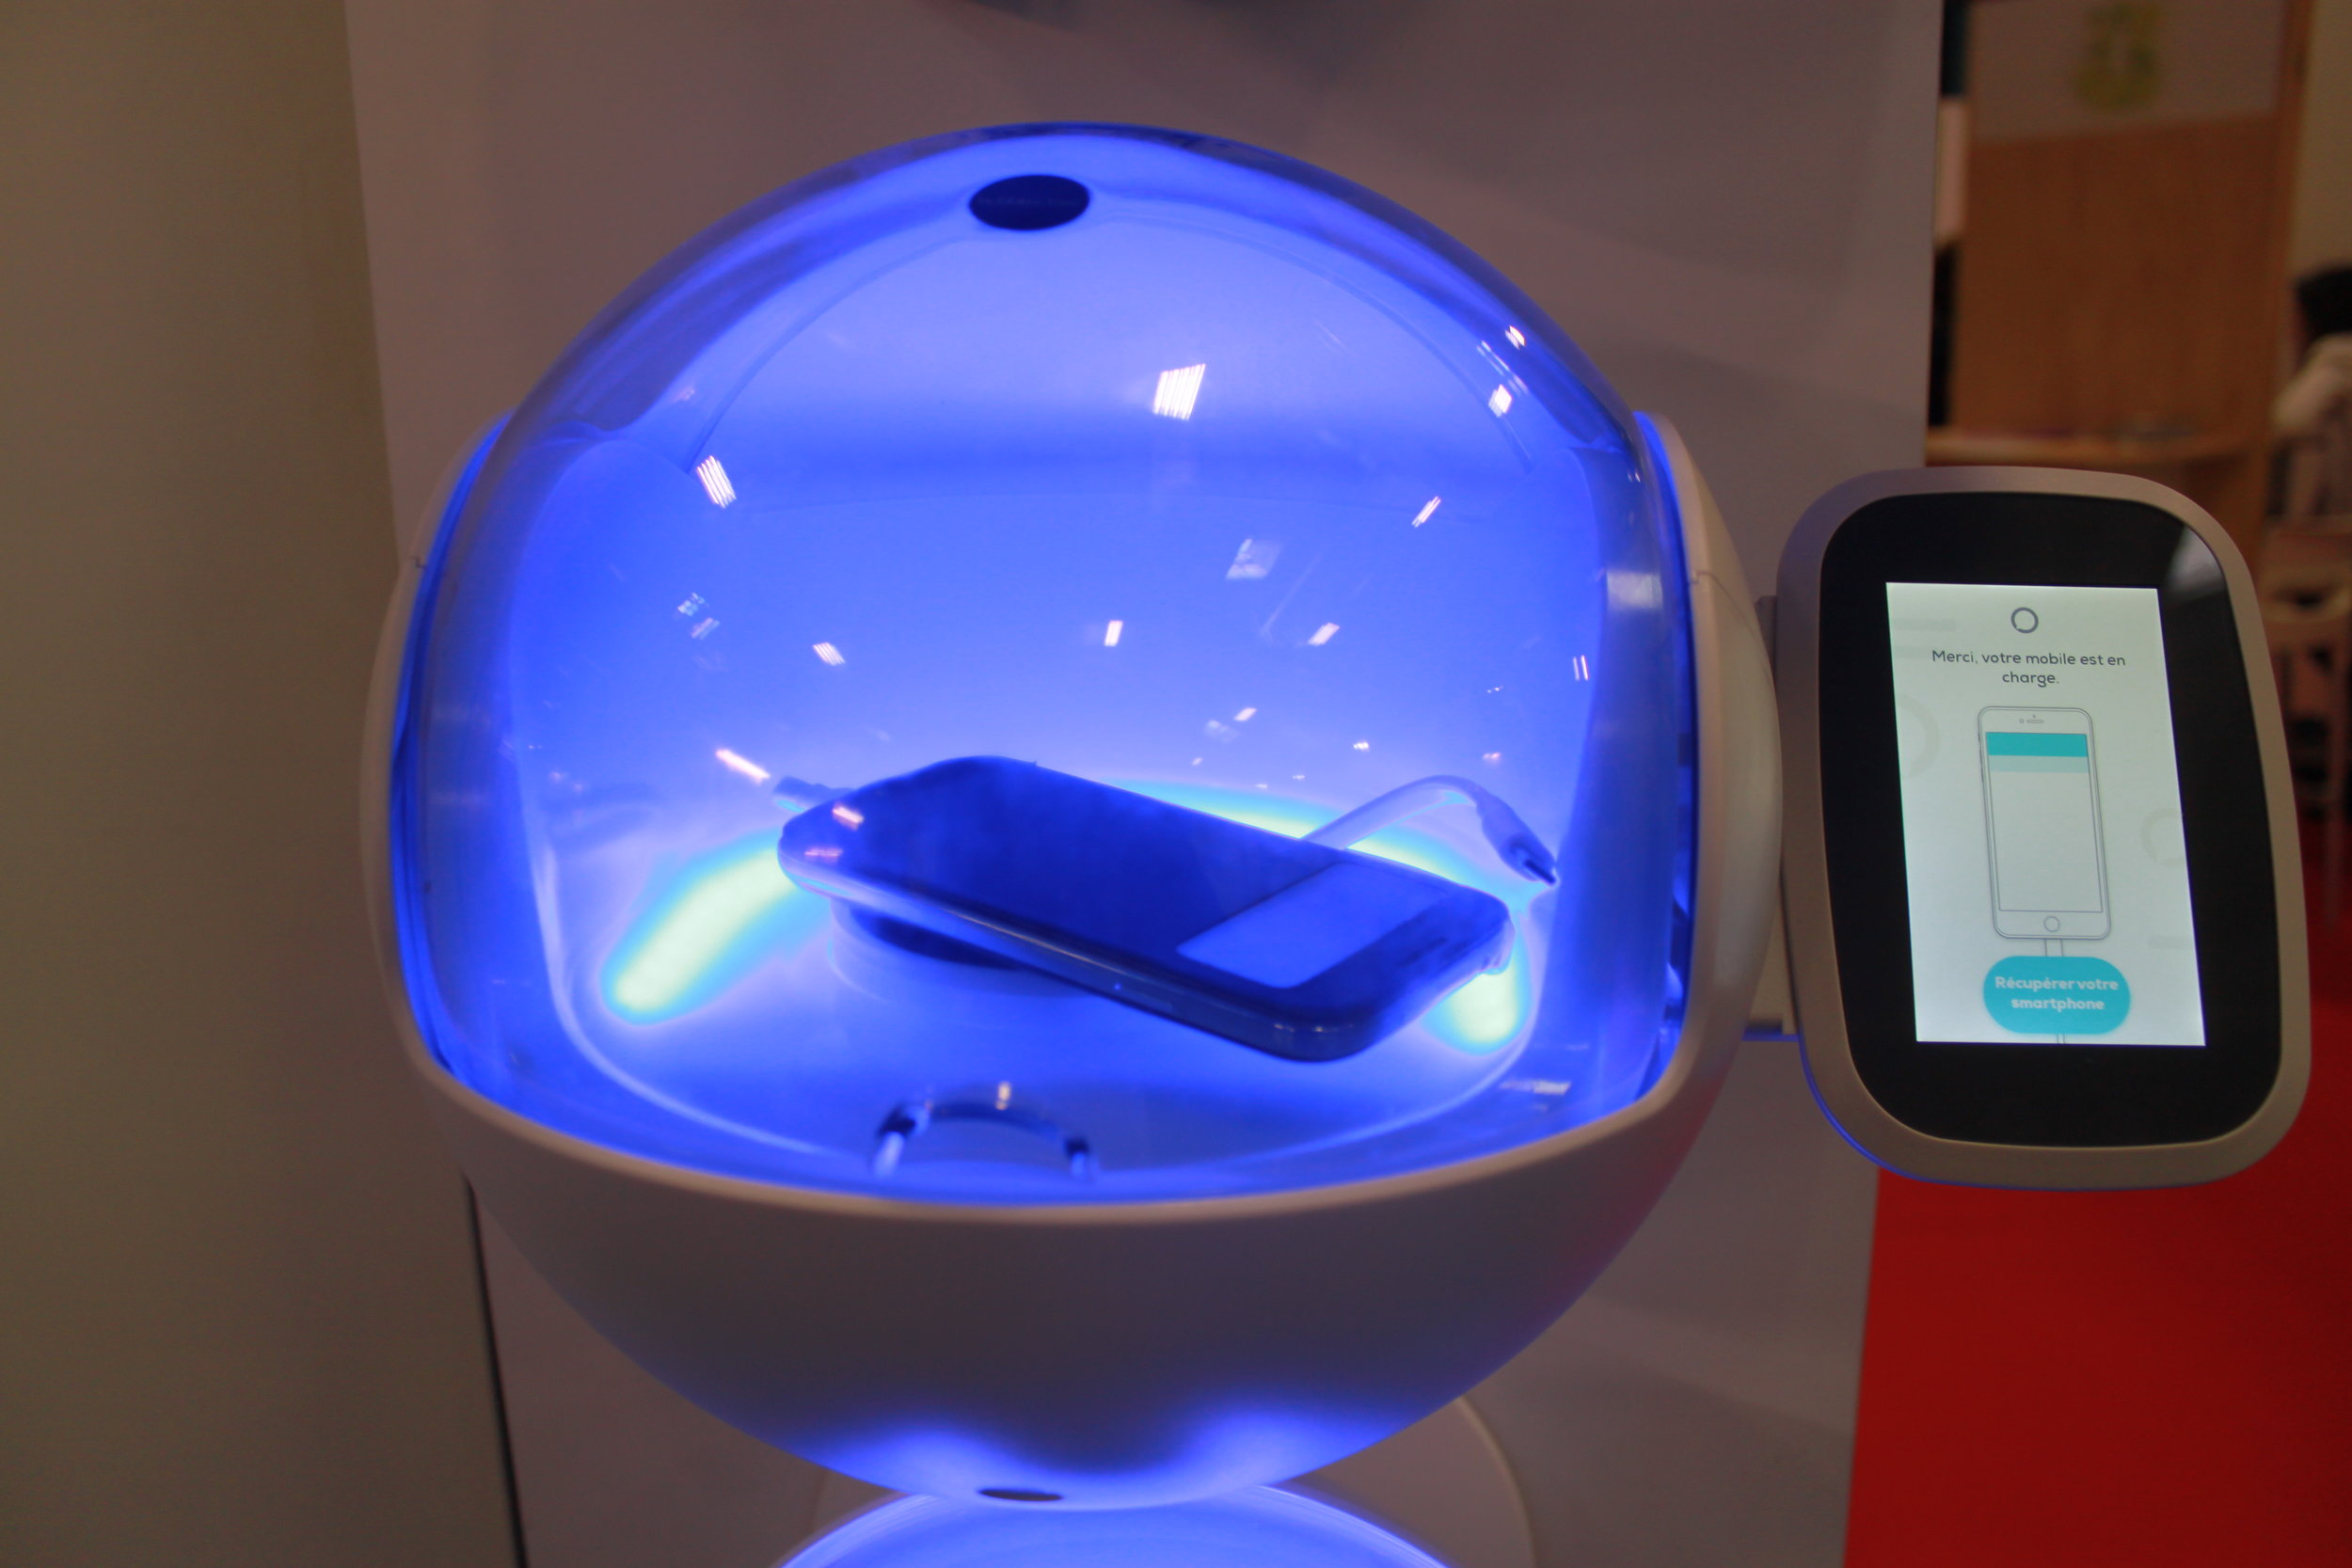 - Le CharLi et la Bubbles sont nos devices permettant de diffuser des messages impactants sur leurs écrans connectés et de créer une interaction unique avec les utilisateurs qui rechargent leur smartphone en évitant la communication de masse. Avec un taux de mémorisation de 80% sur ces écrans connectés, le CharLi et la Bubbles sont les supports les plus adaptés pour diffuser de la publicité responsable et changer les mentalités. La communication traditionnelle sous format papier est révolue. Le CharLi et la Bubbles sont des supports innovants, respectueux des enjeux du développement durable.